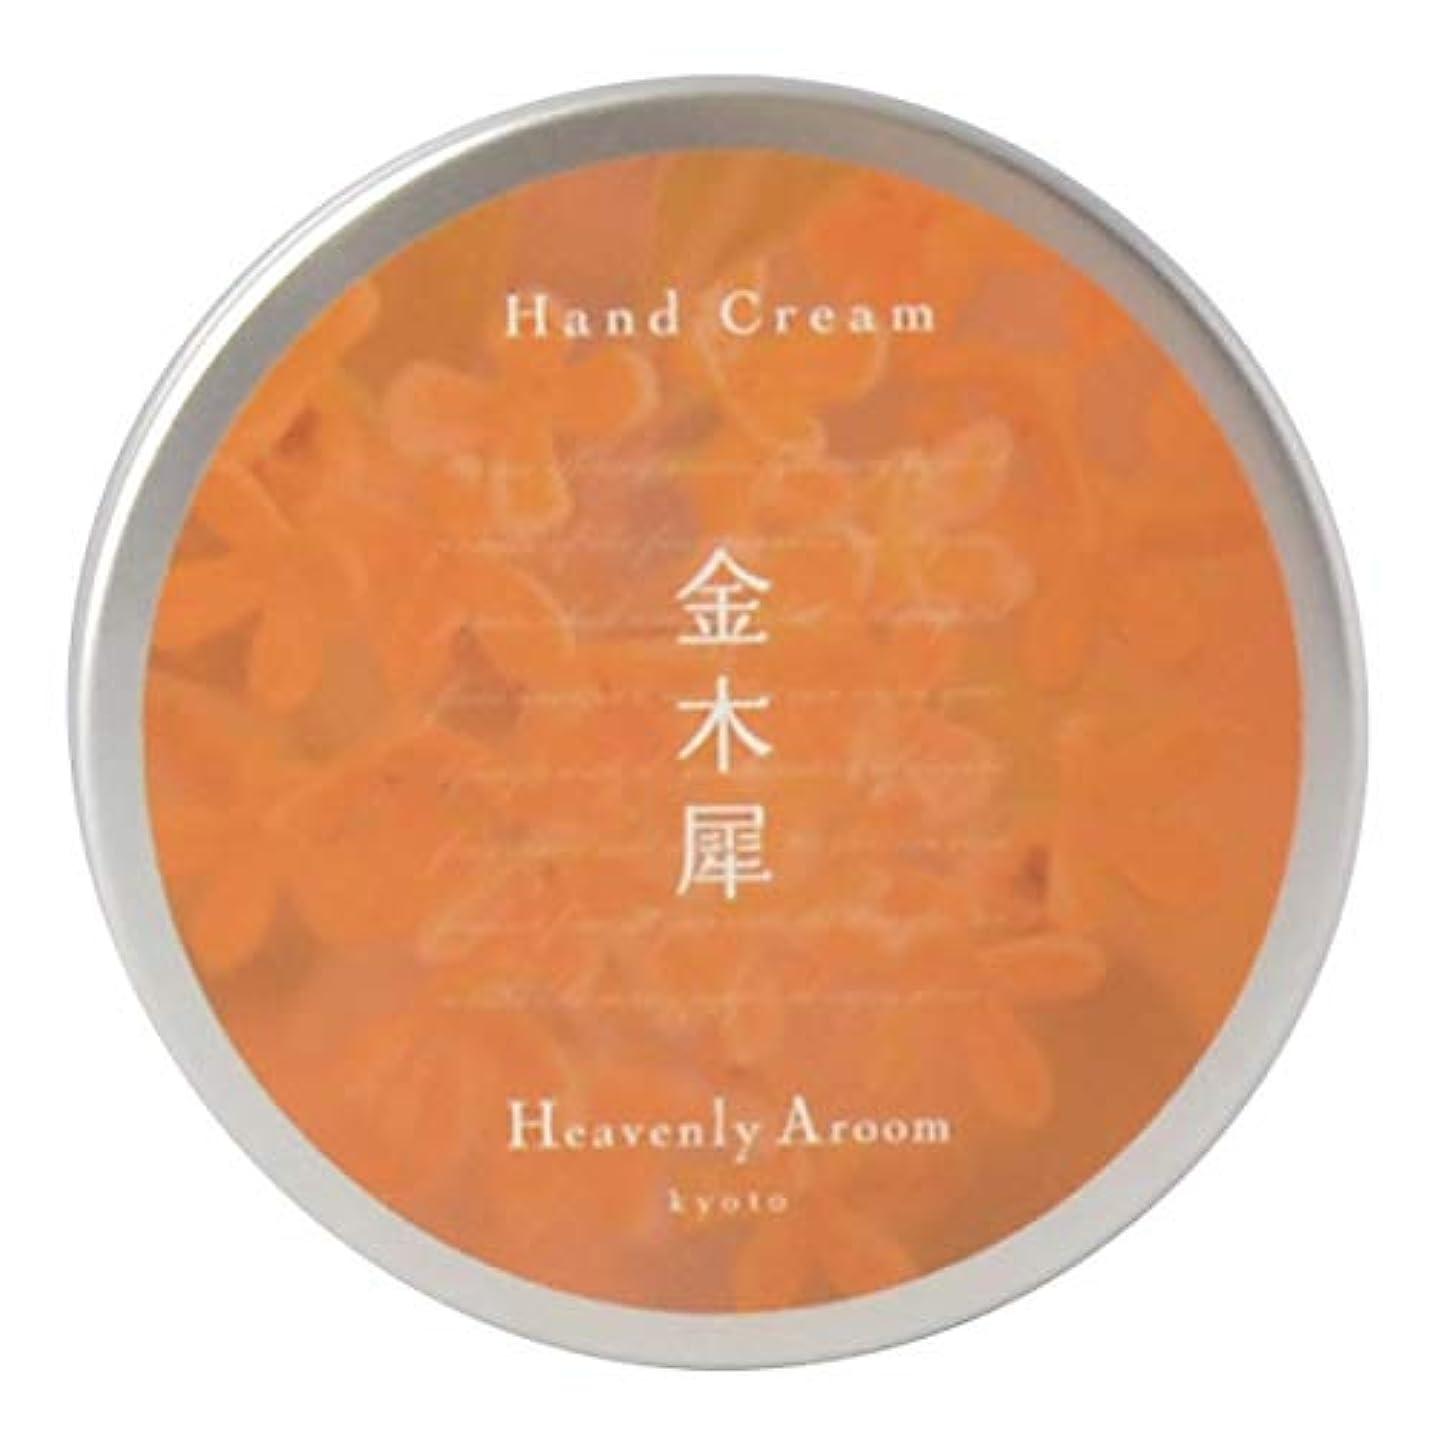 破壊する備品満了Heavenly Aroom ハンドクリーム 金木犀 75g